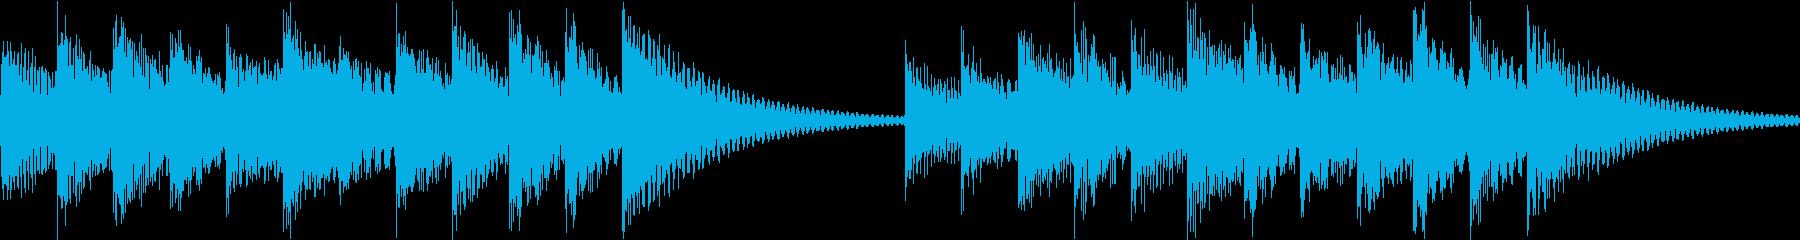 シンプルベル お知らせ ハテナ ? 06の再生済みの波形